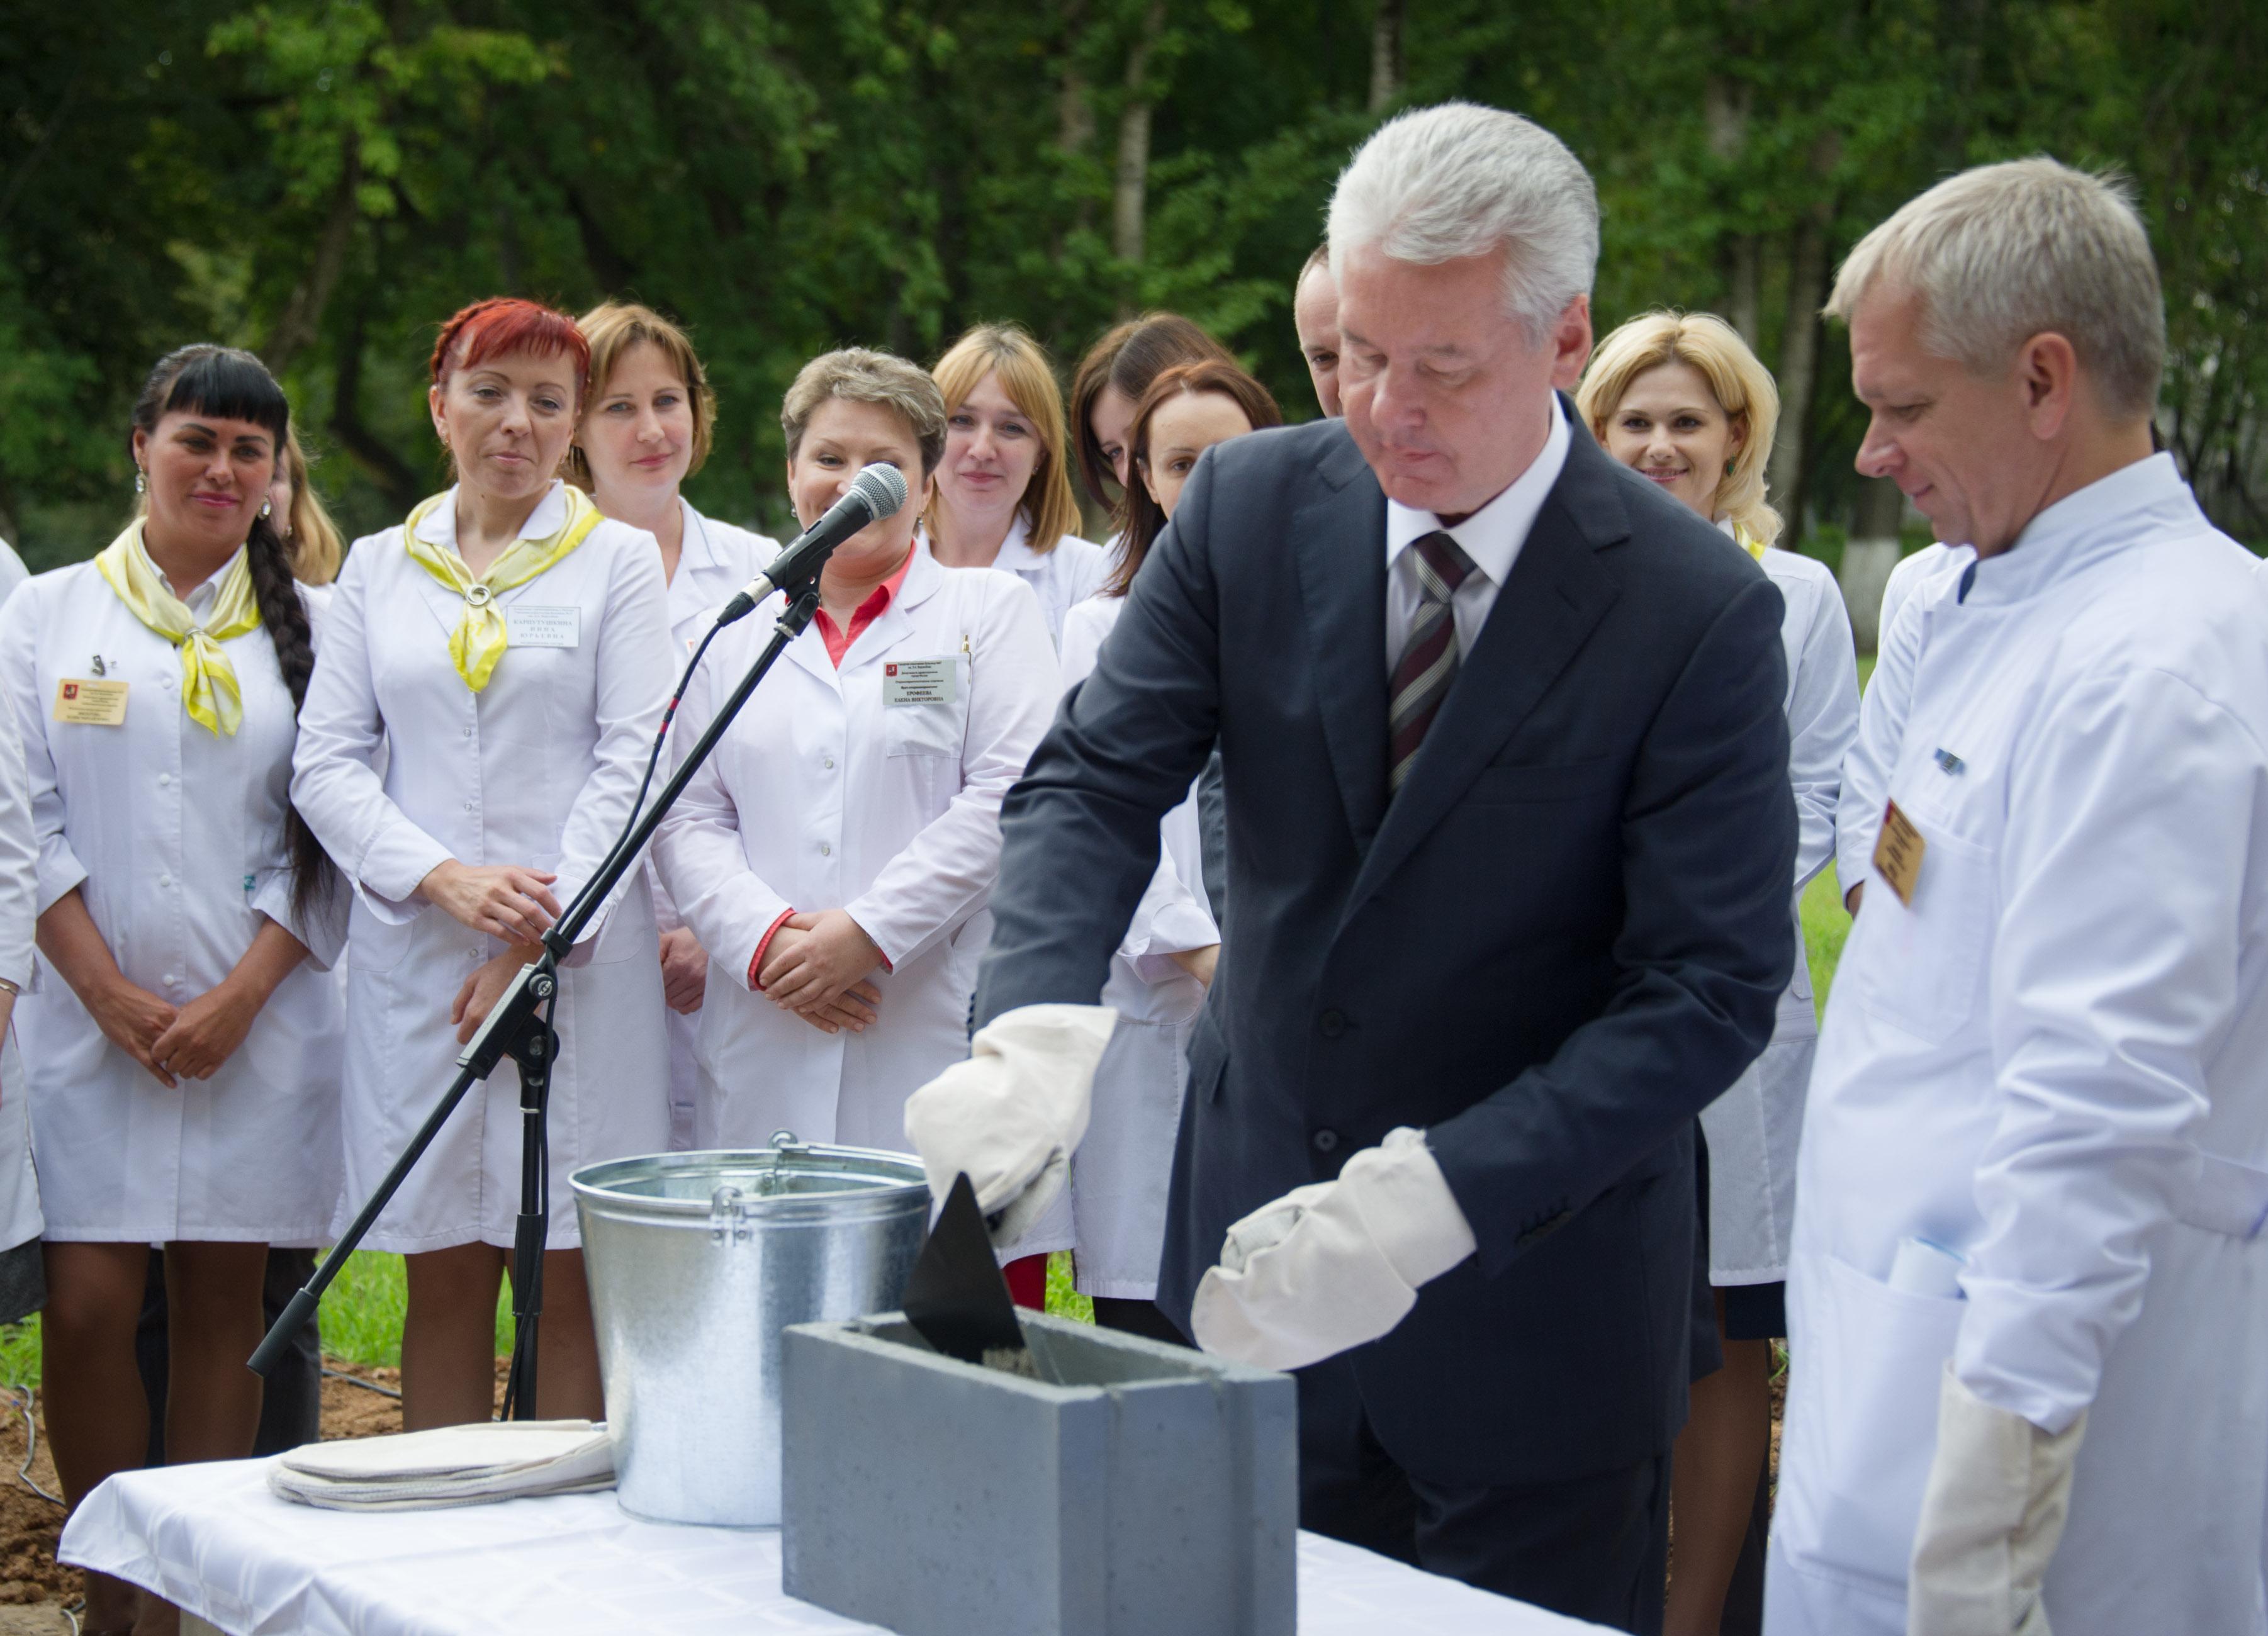 Сергей Собянин во время церемонии начала строительства перинатально-кардиологического центра